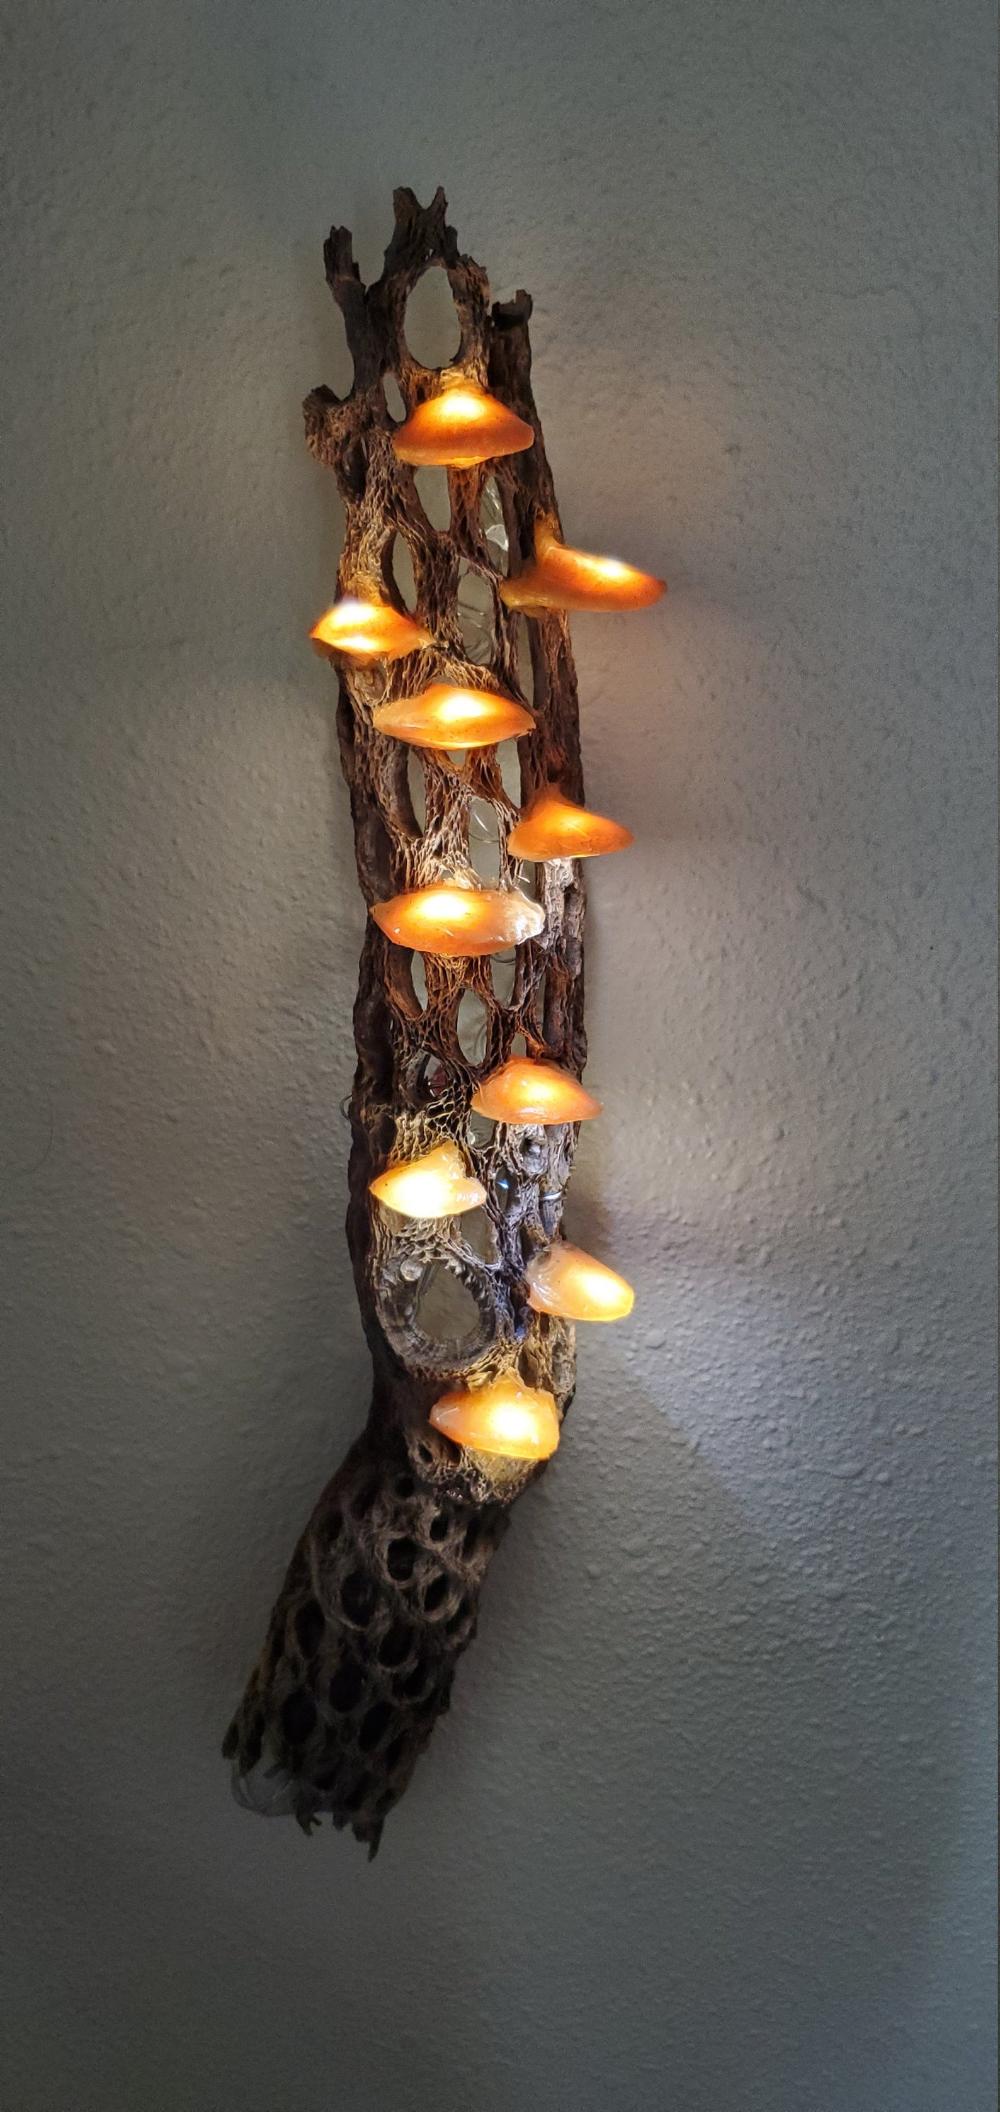 Gold Cholla Led Mushroom Lamp In 2020 Mushroom Lamp Lamp Stuffed Mushrooms